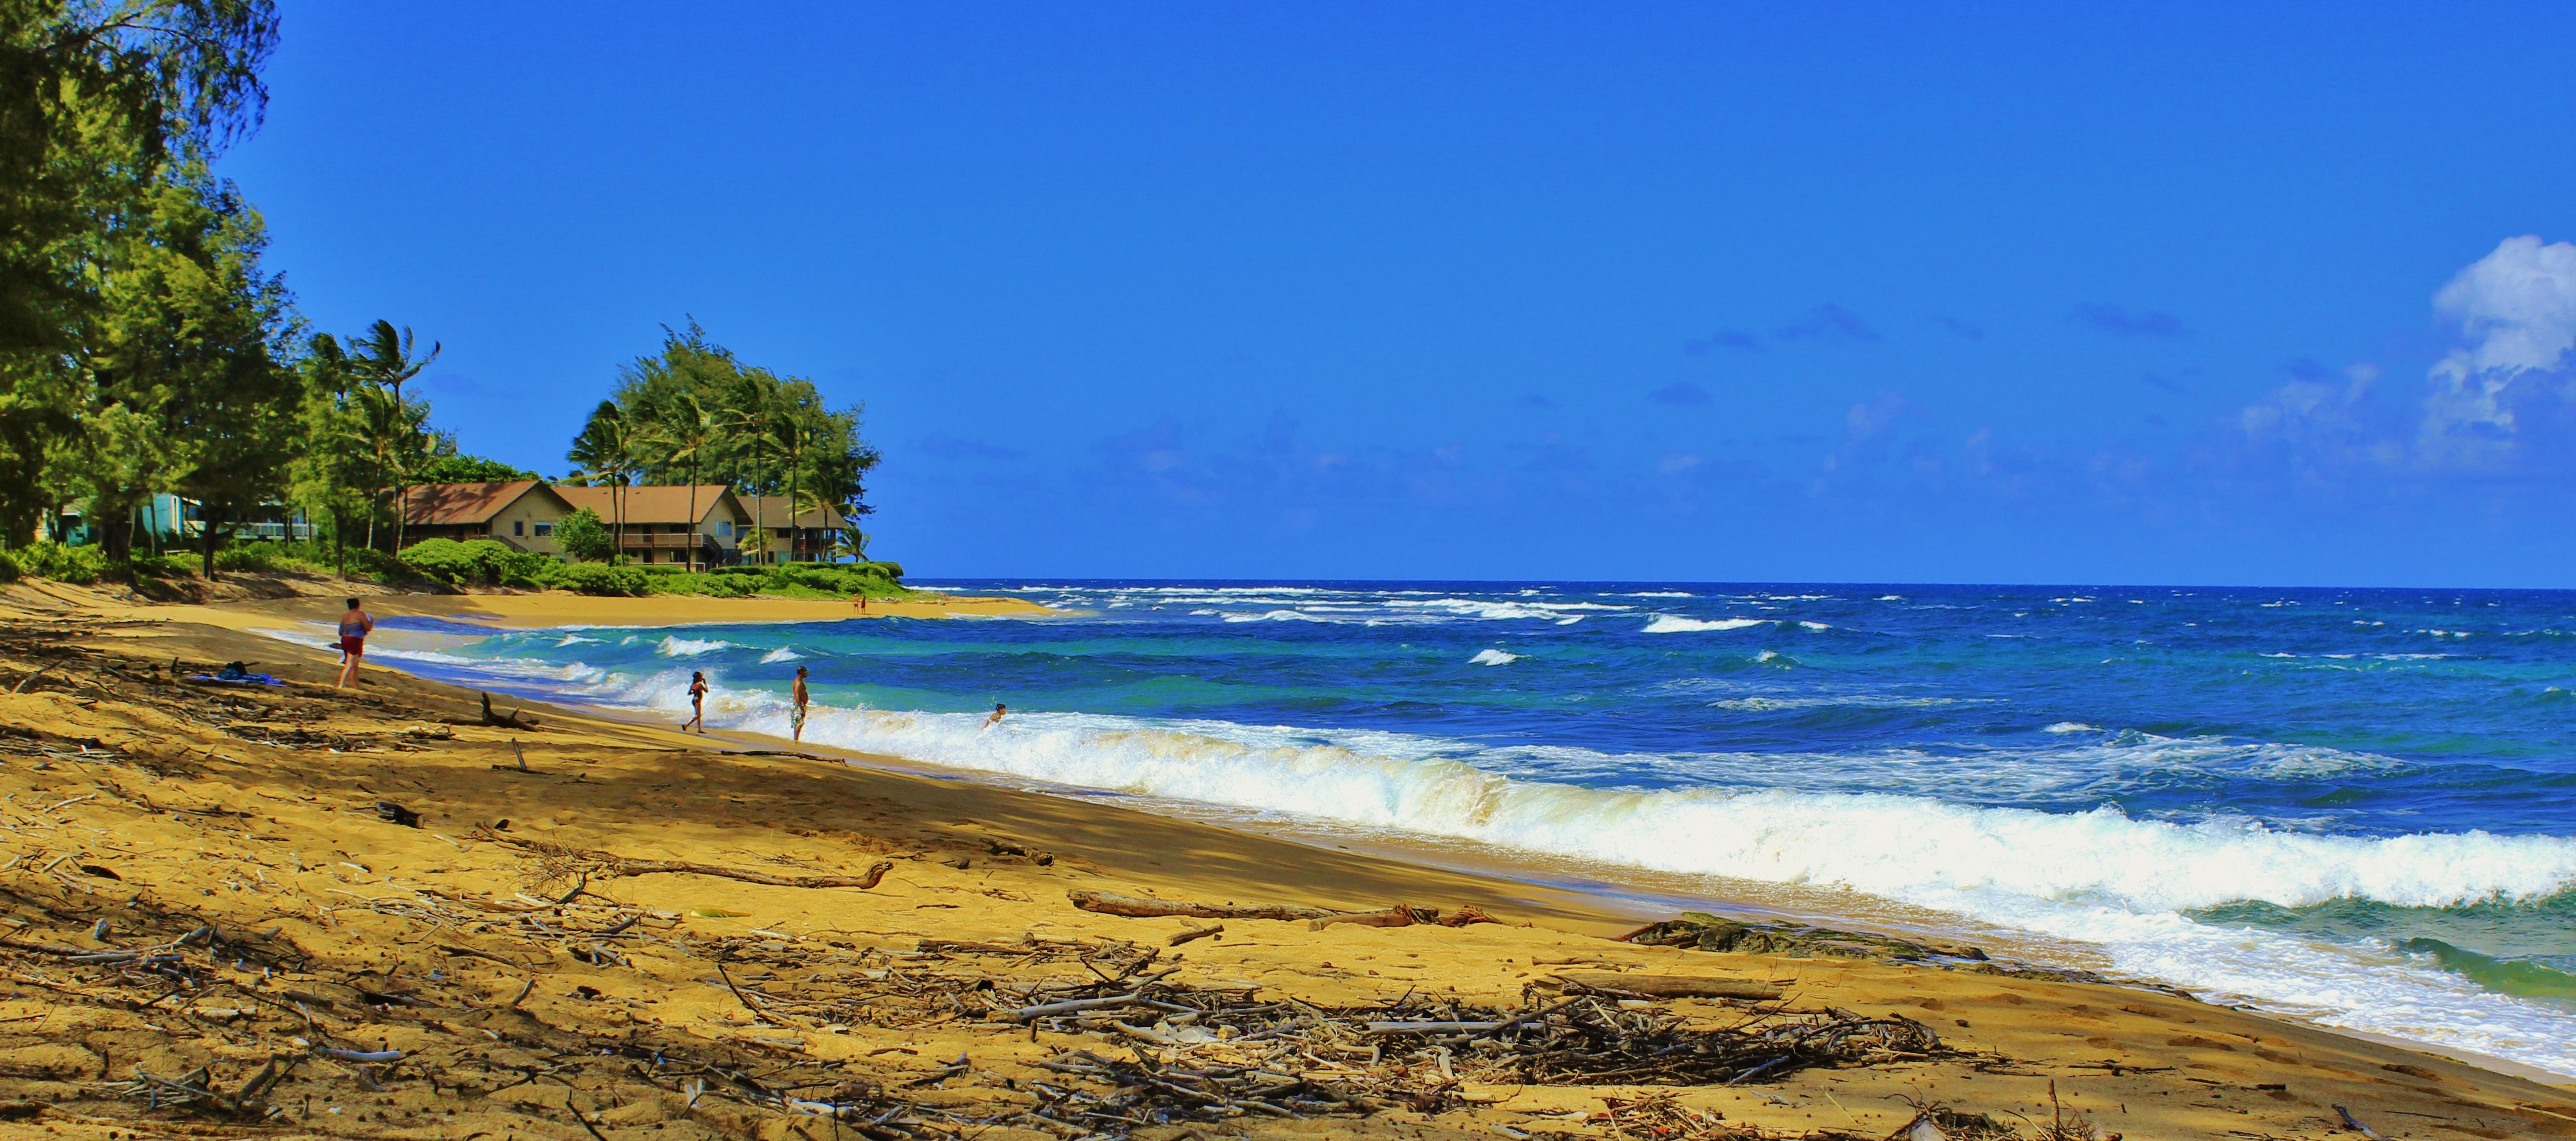 filehanalei kauai hawaii panoramio 27jpg